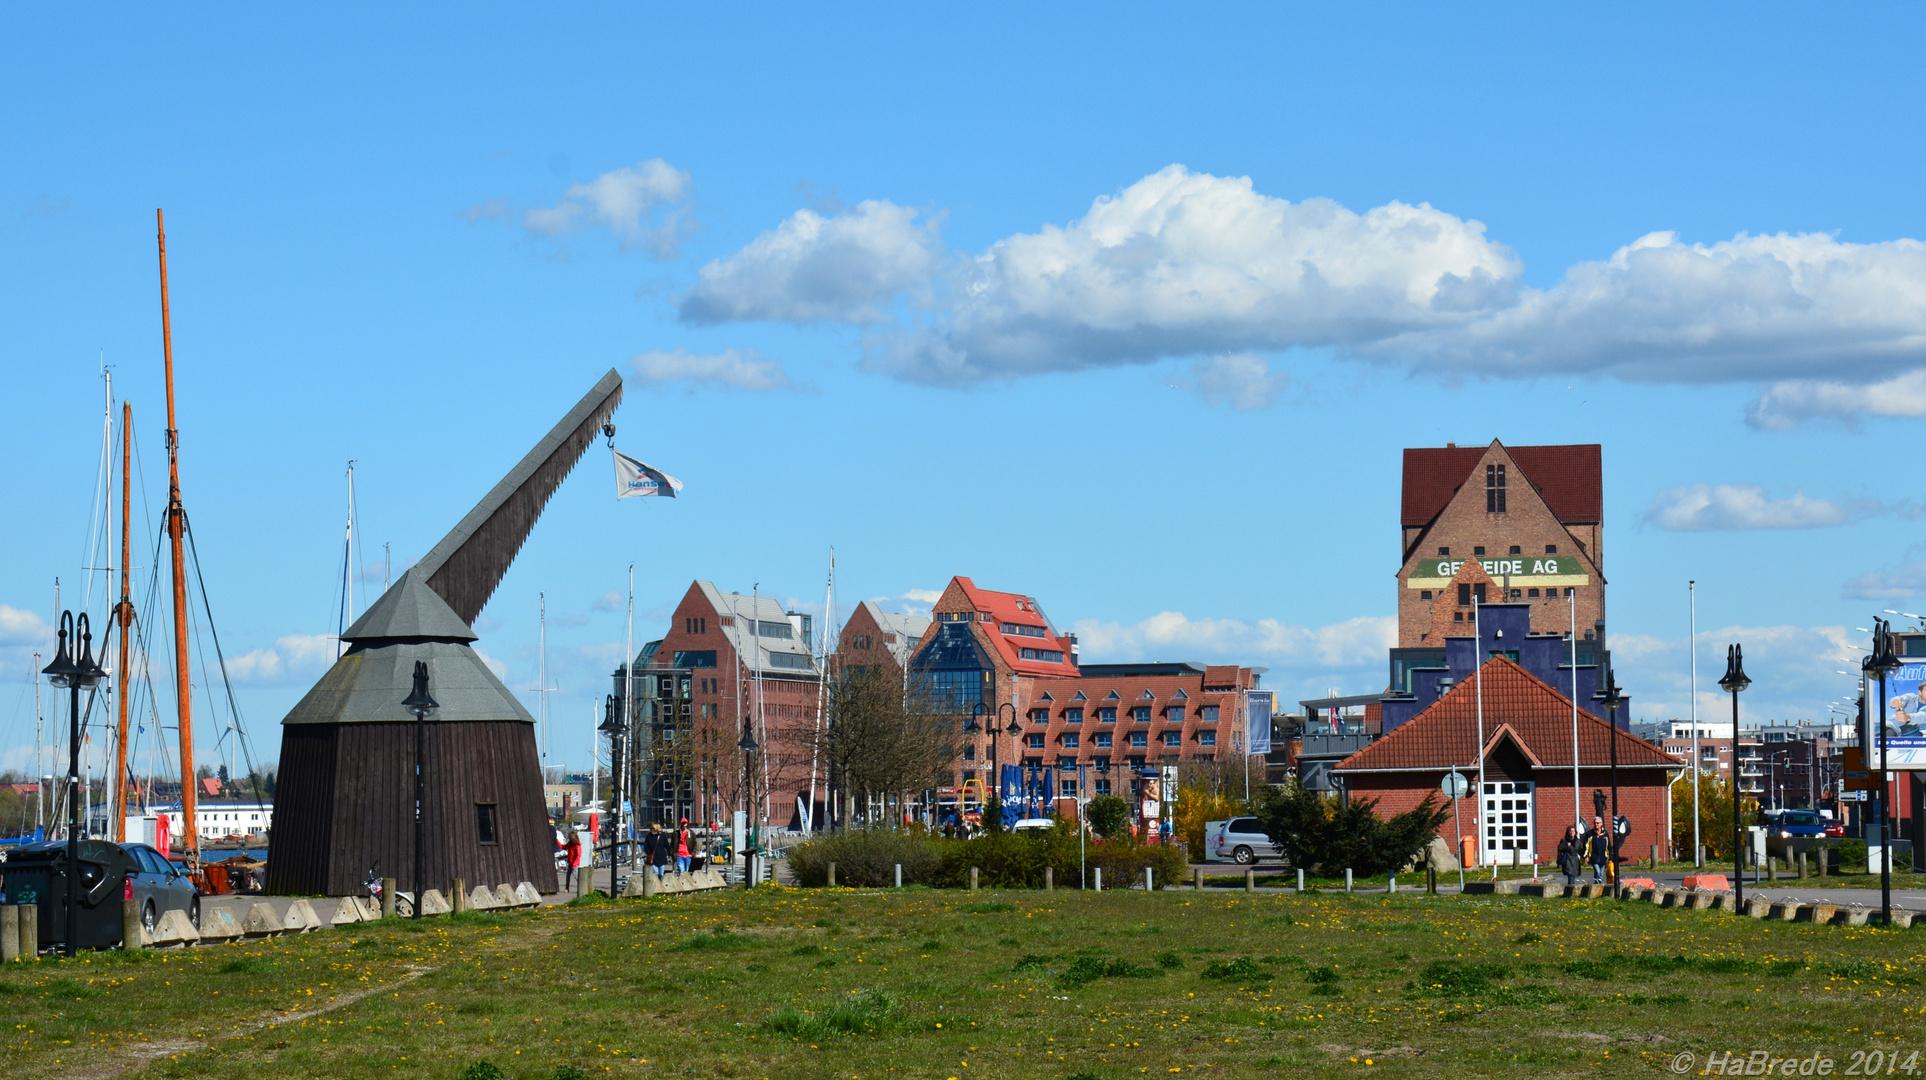 Historische Speicher in Rostock